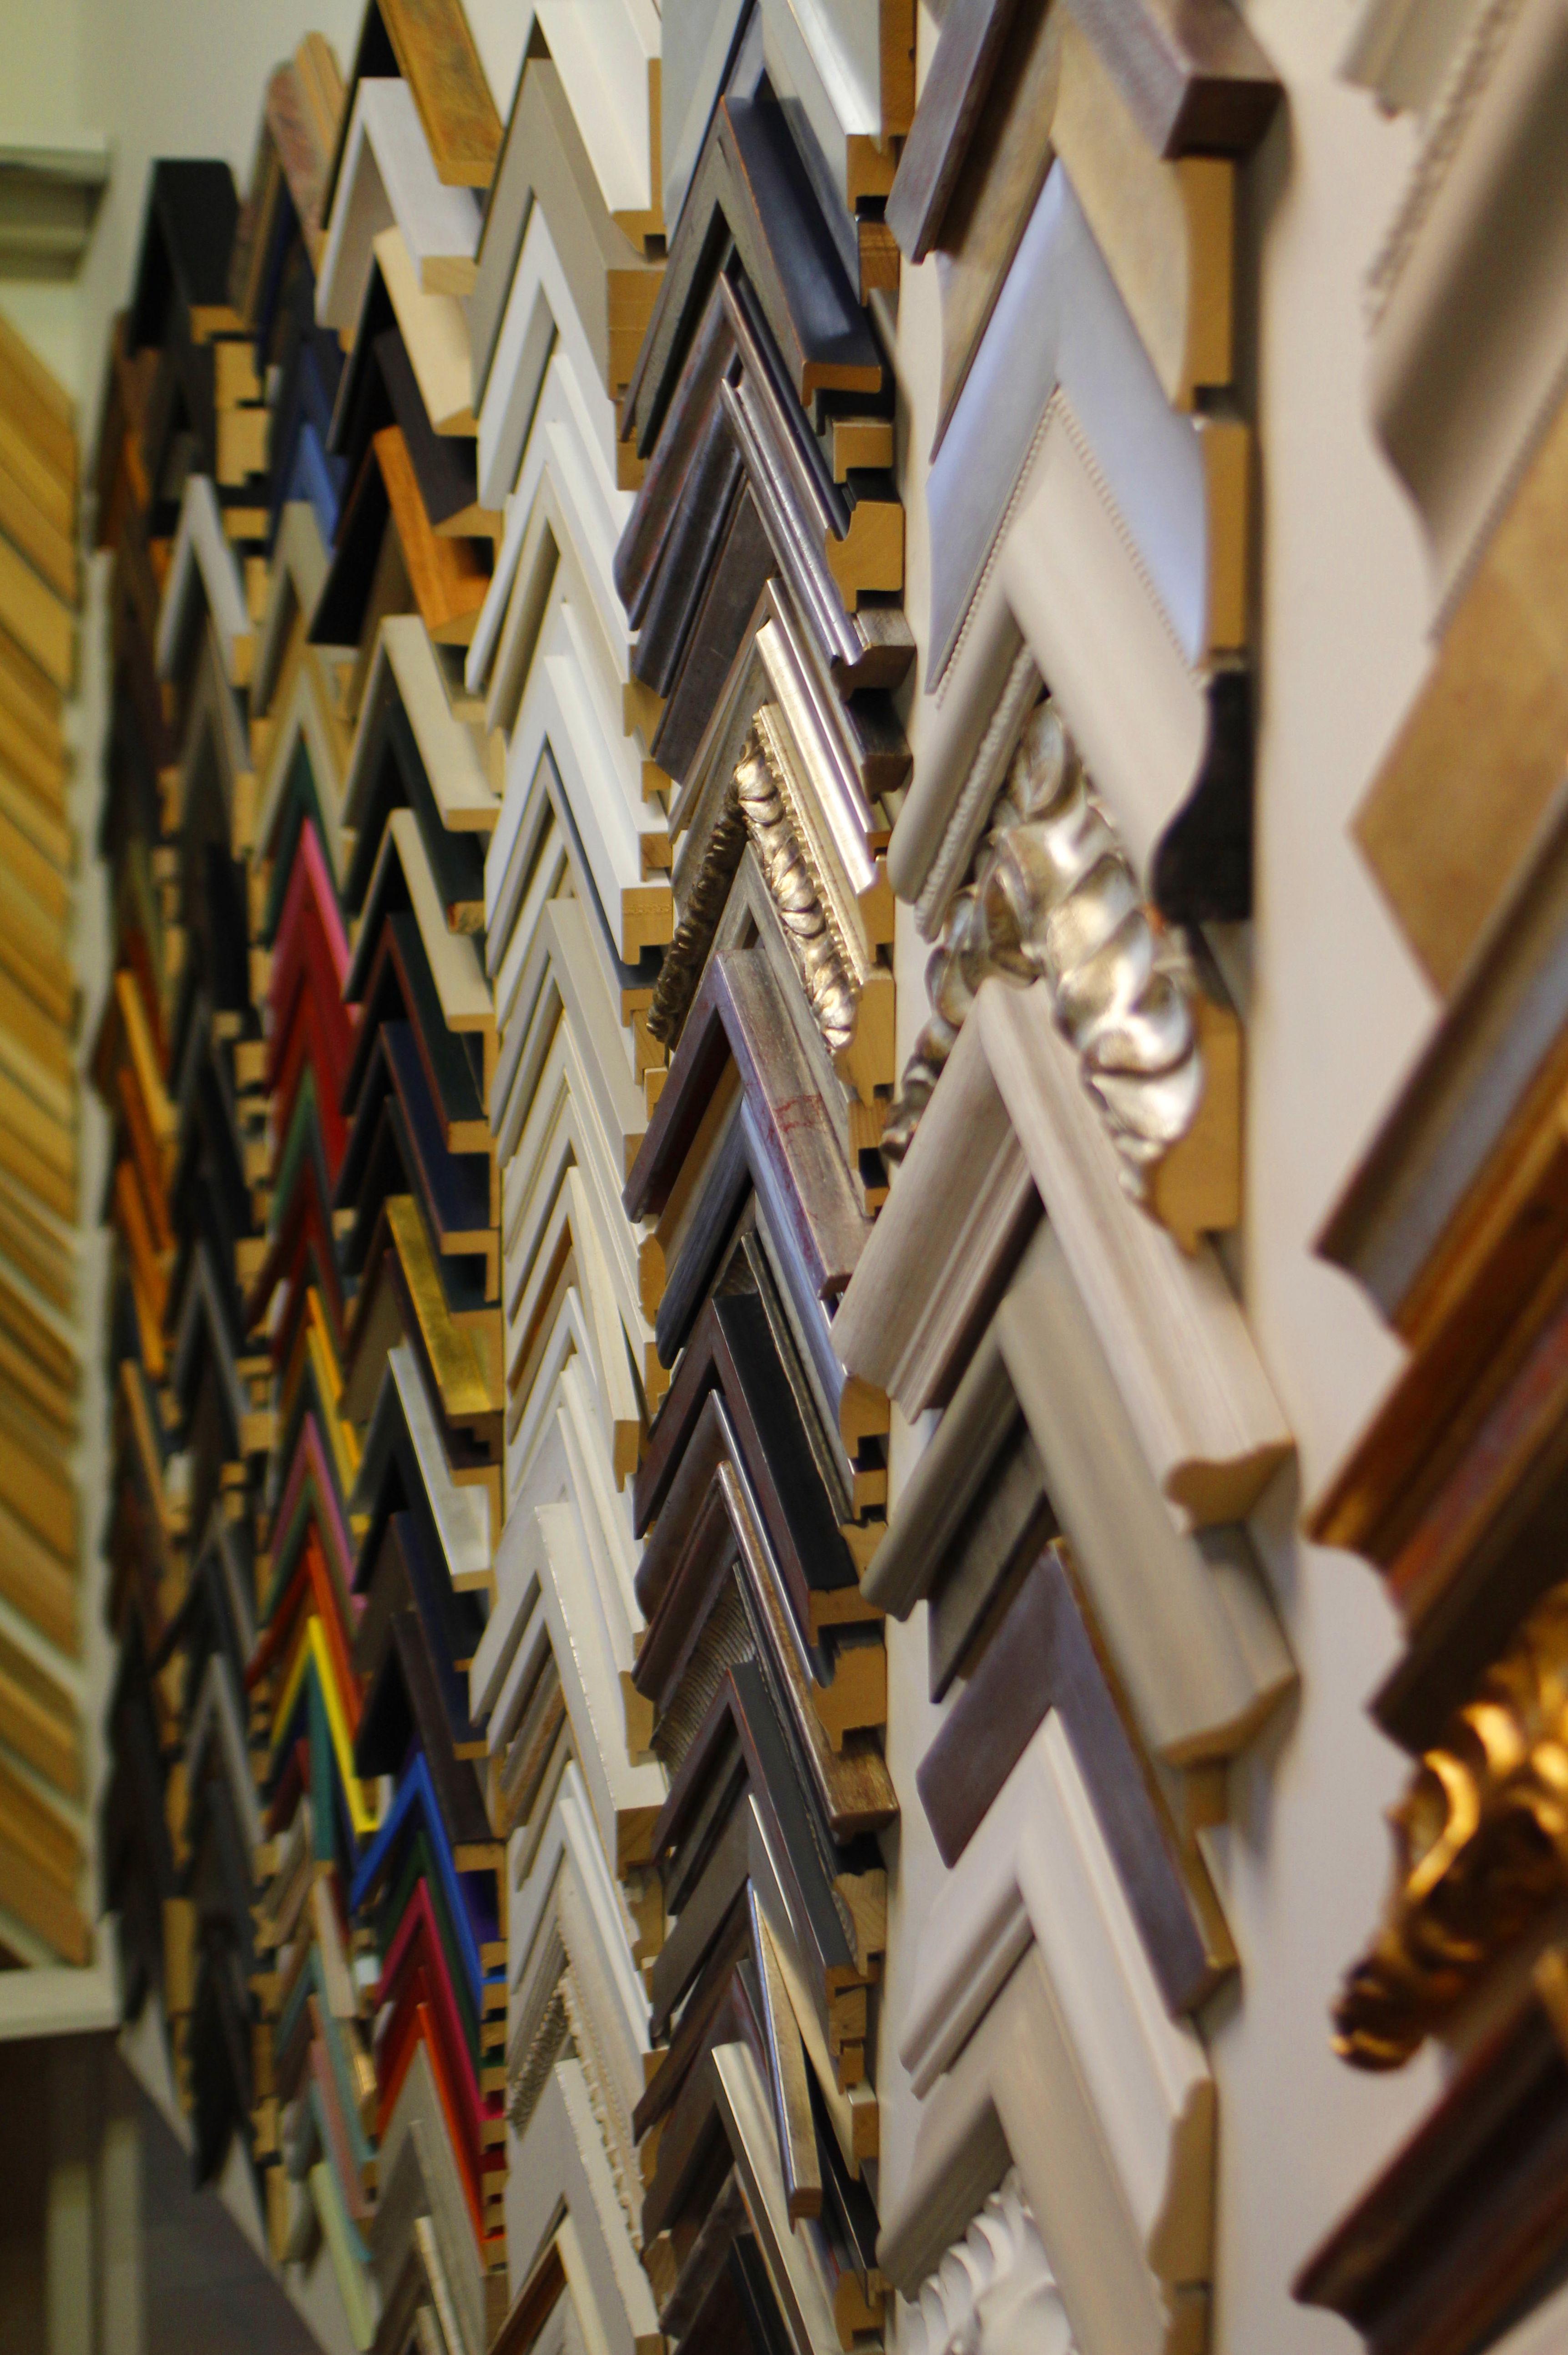 Foto 10 de Cuadros y marcos en Pozuelo | Taller de marcos y cuadros VALLE